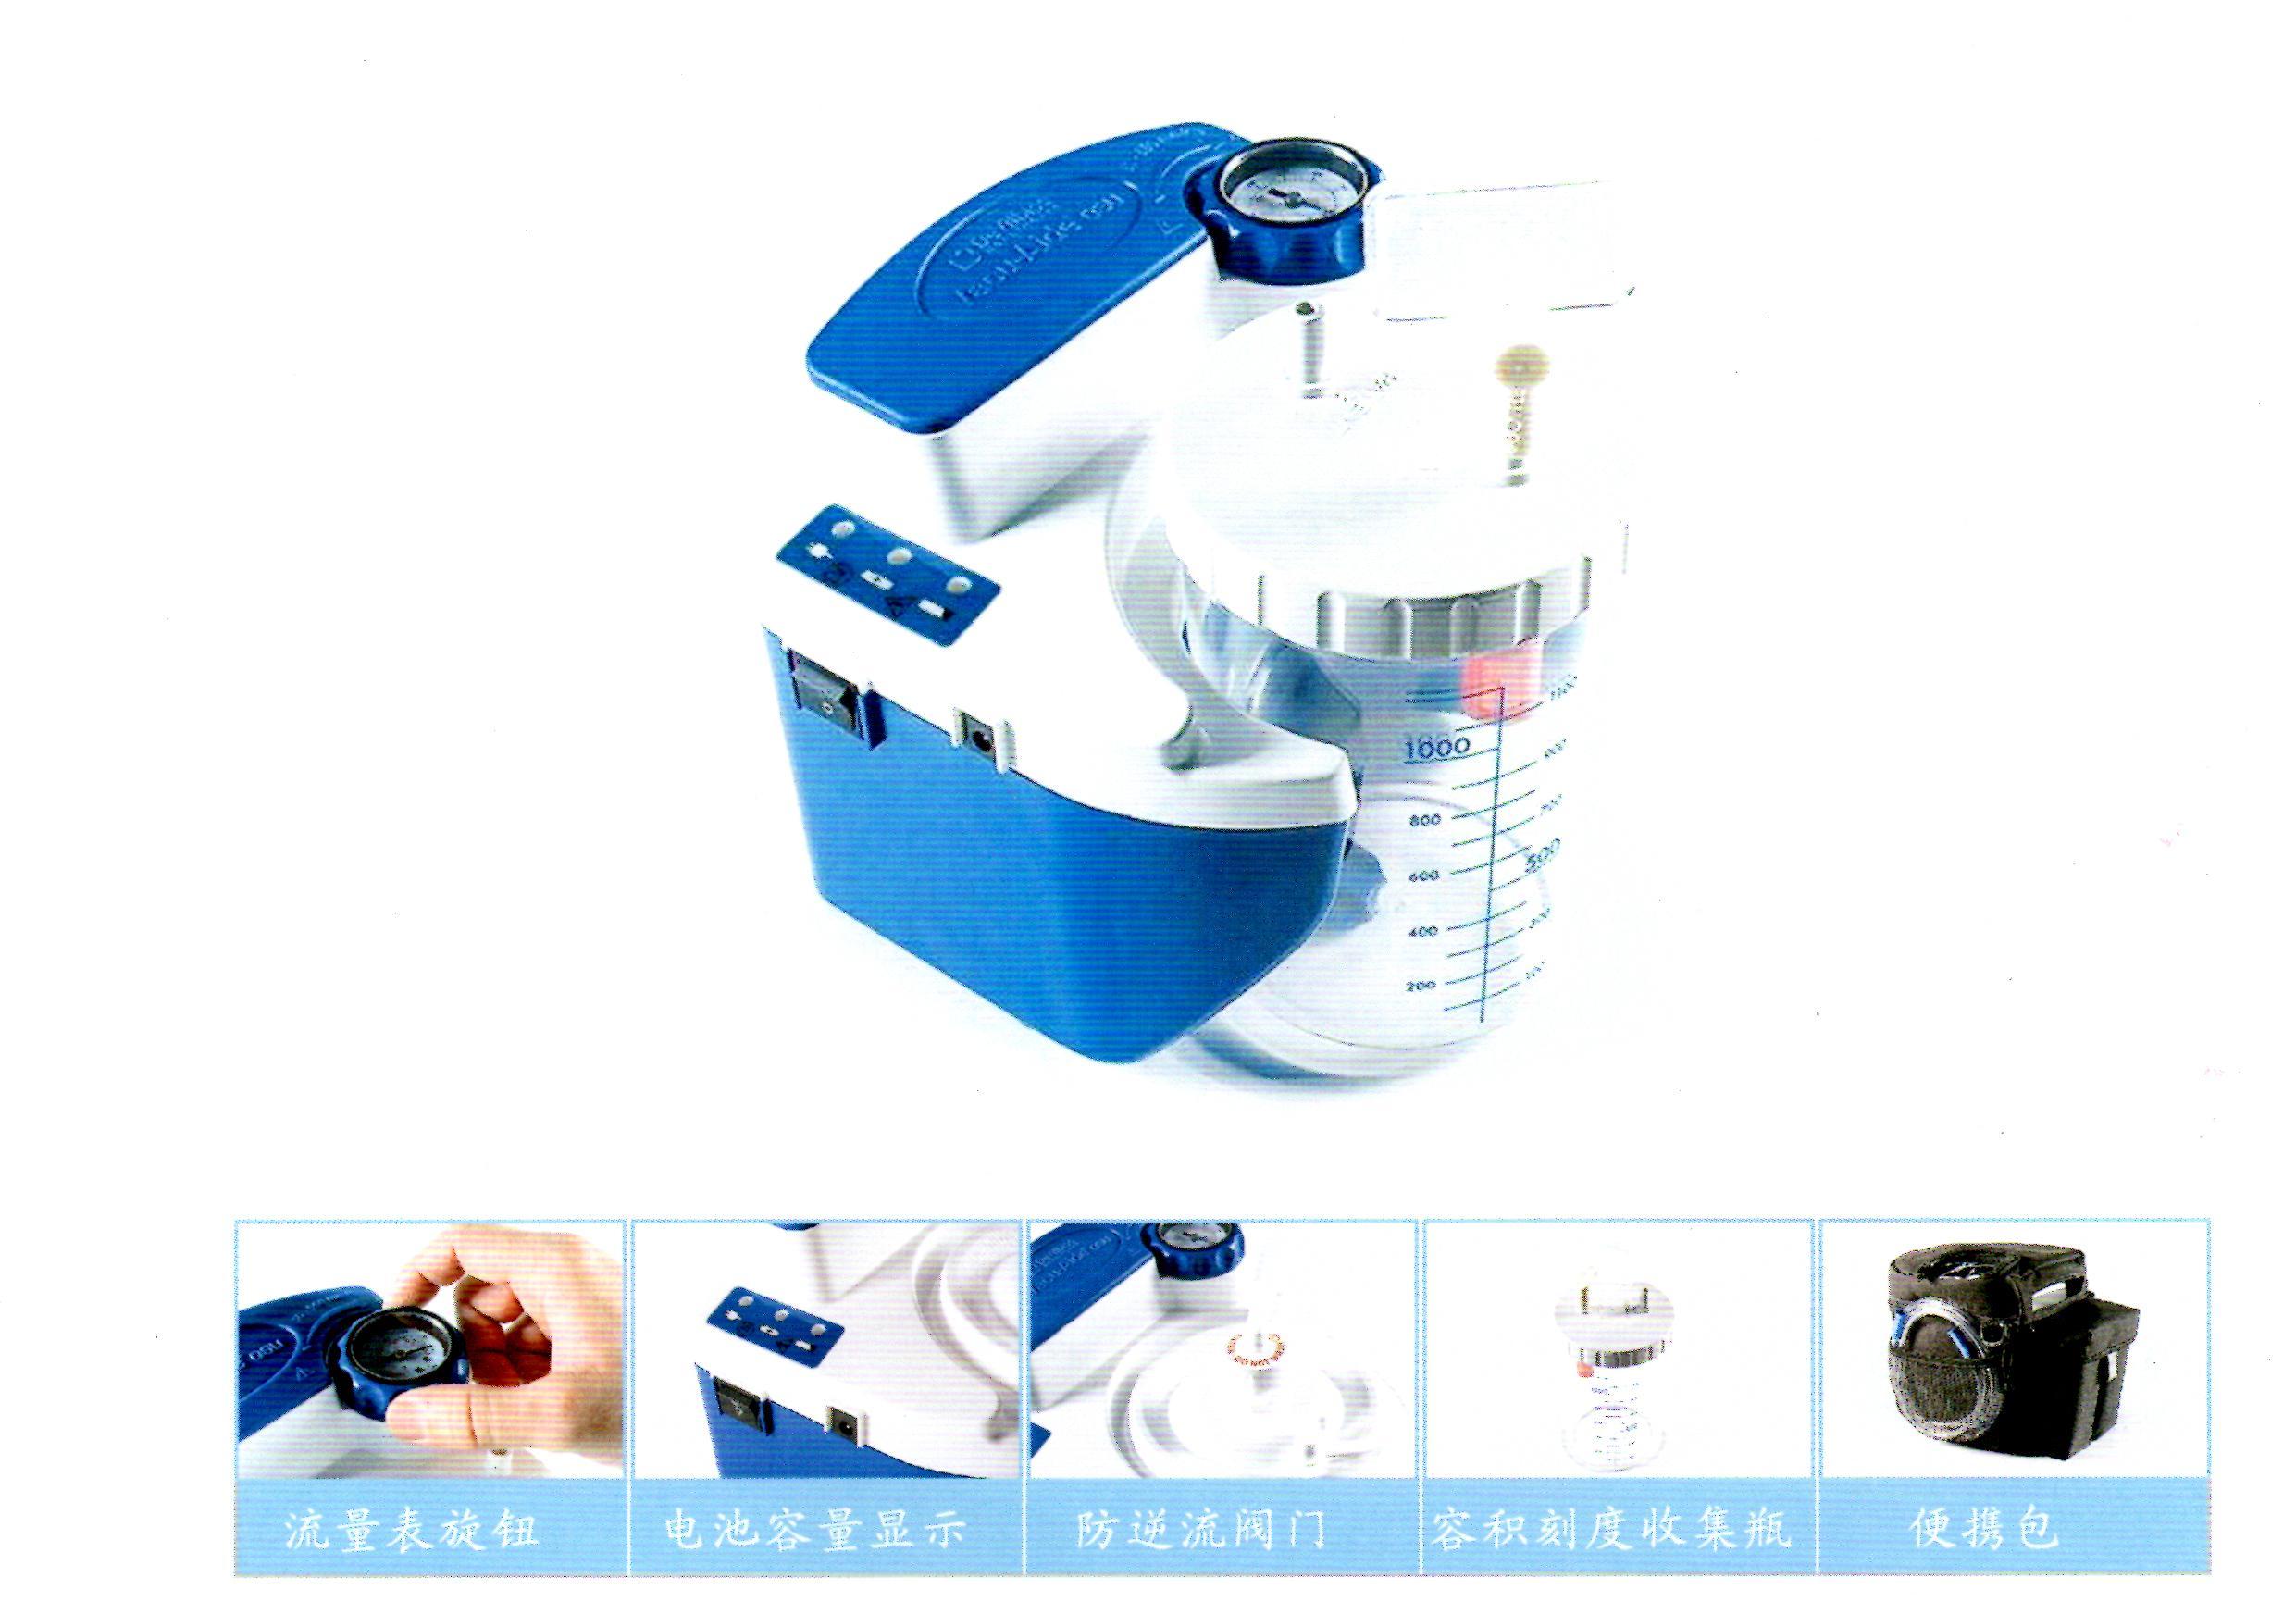 美国DeVilbiss德百世QSU7314 高流量高吸入便携式吸痰器